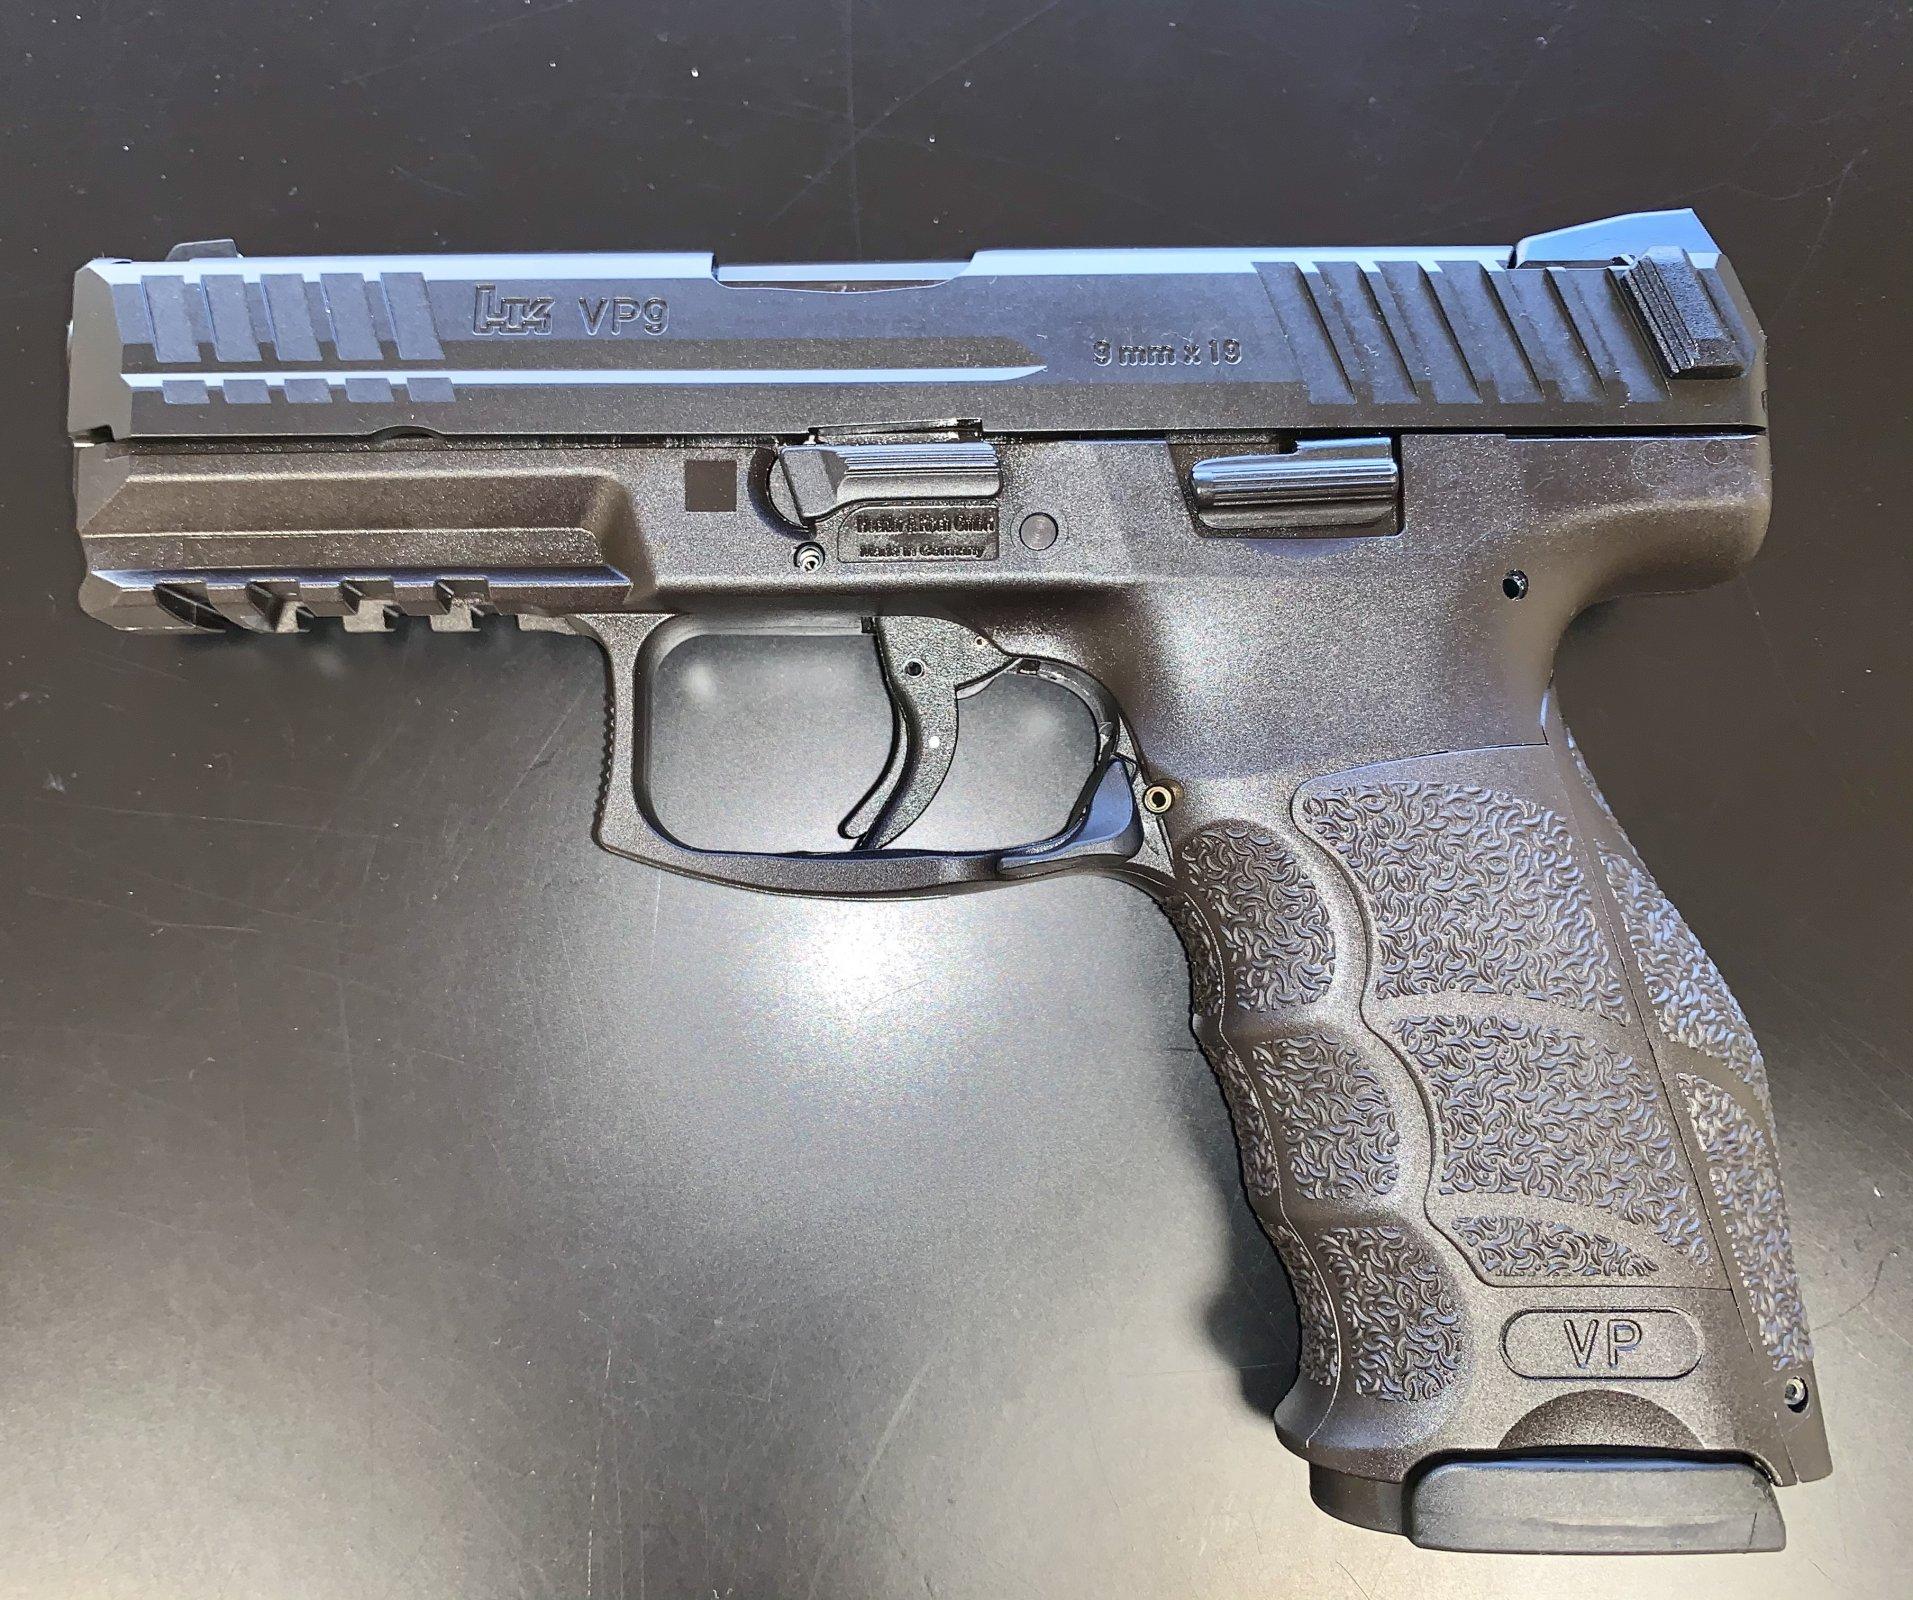 Heckler & Koch VP9 9mm Pistol - Black